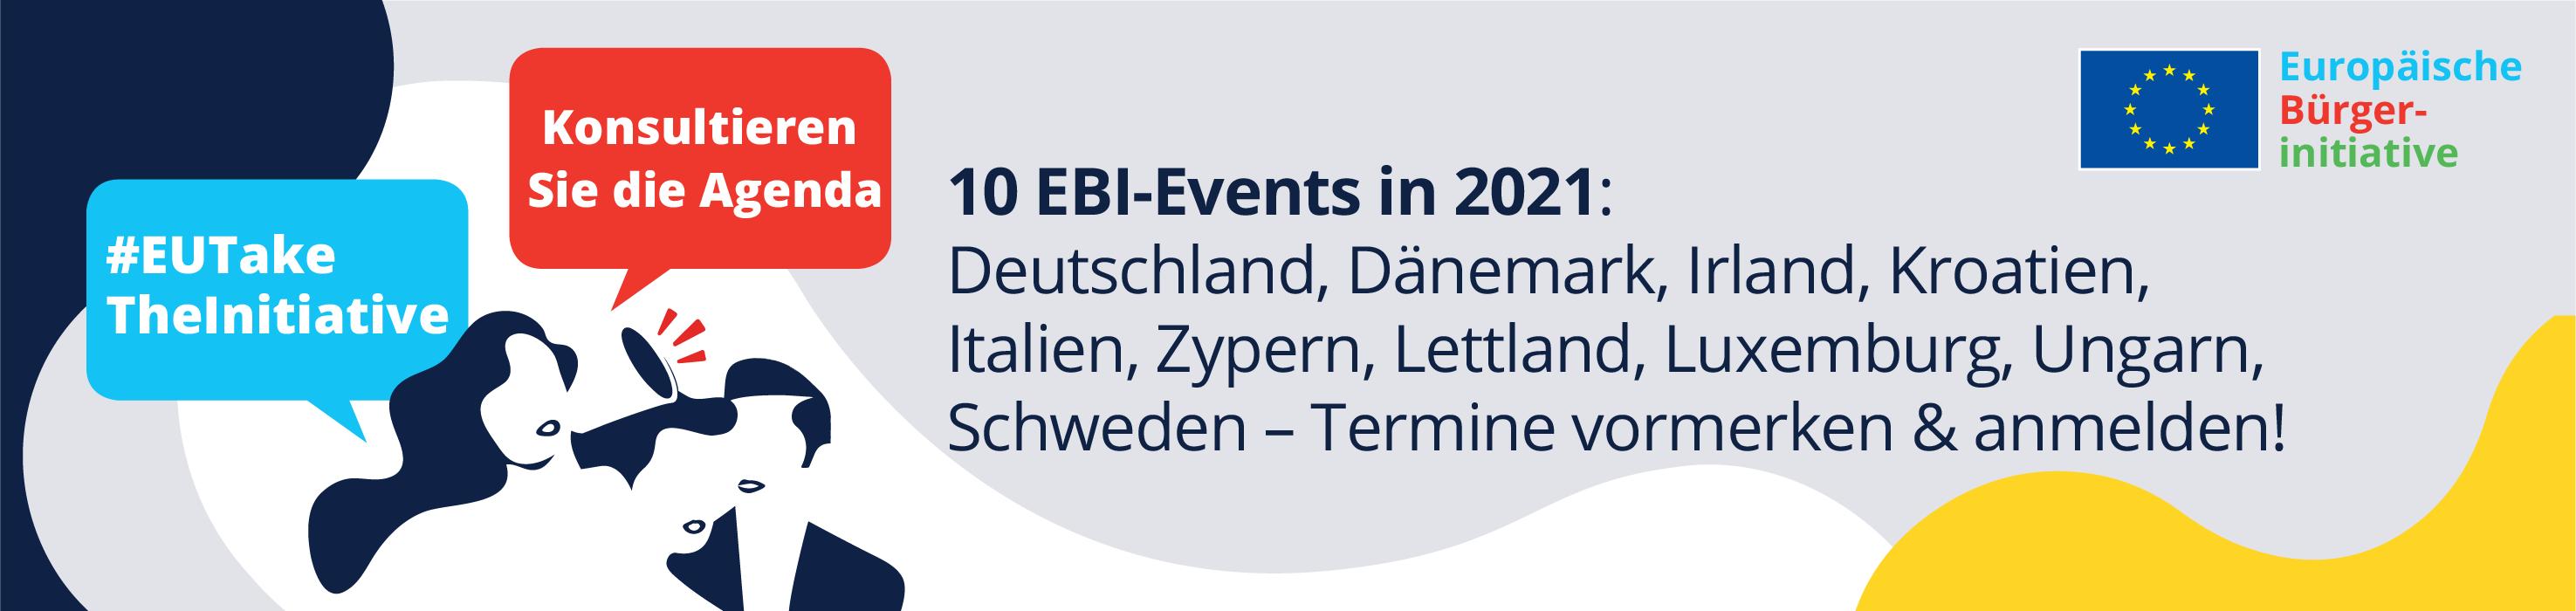 10 EBI-Events in 2021: Deutschland, Dänemark, Irland, Kroatien, Italien, Zypern, Lettland, Luxemburg, Ungarn, Schweden - Termine vormerken & anmelden!